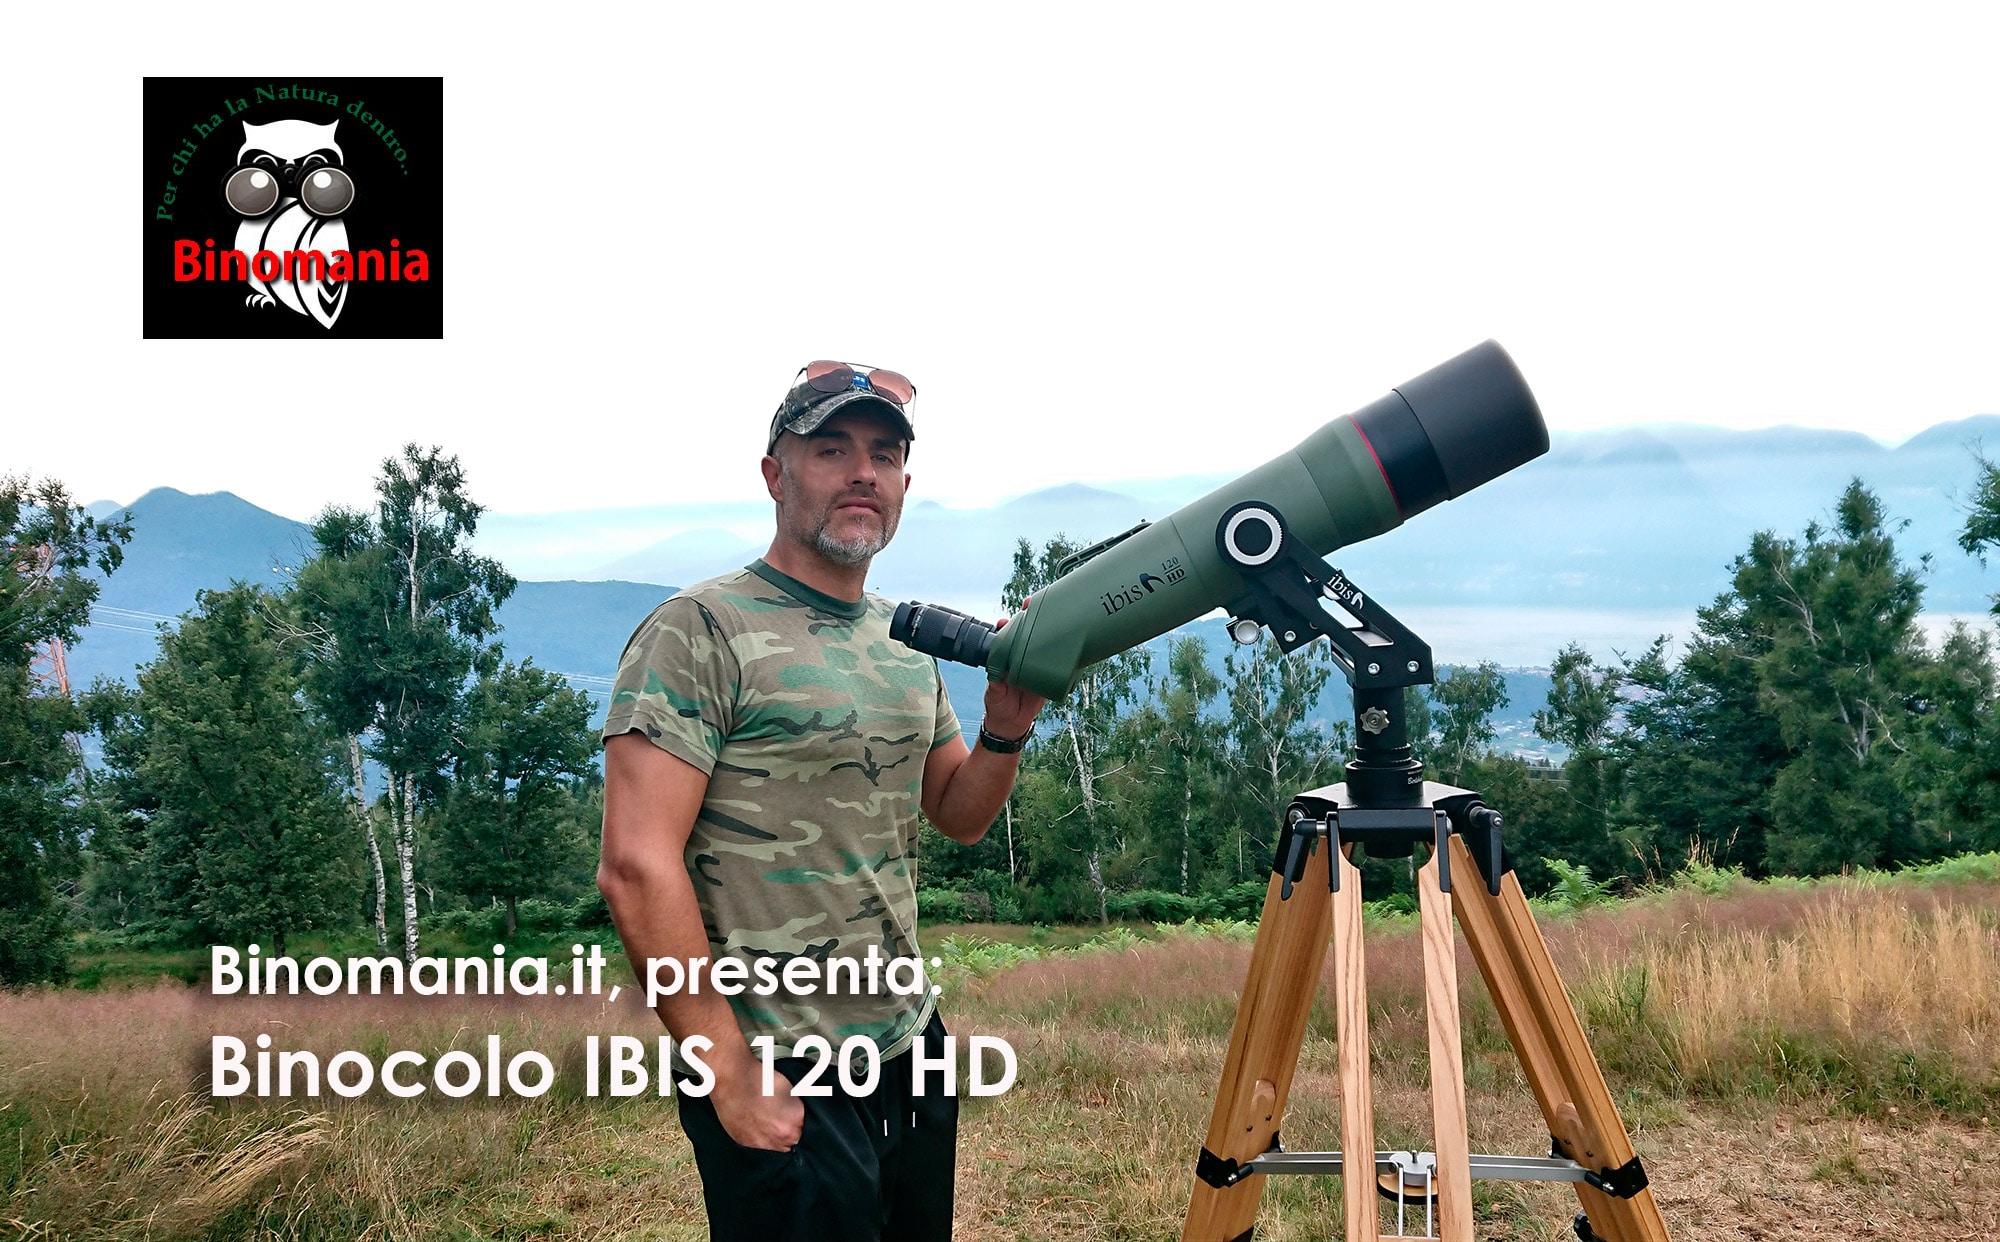 Binocolo IBIS 120 HD, videorecensione